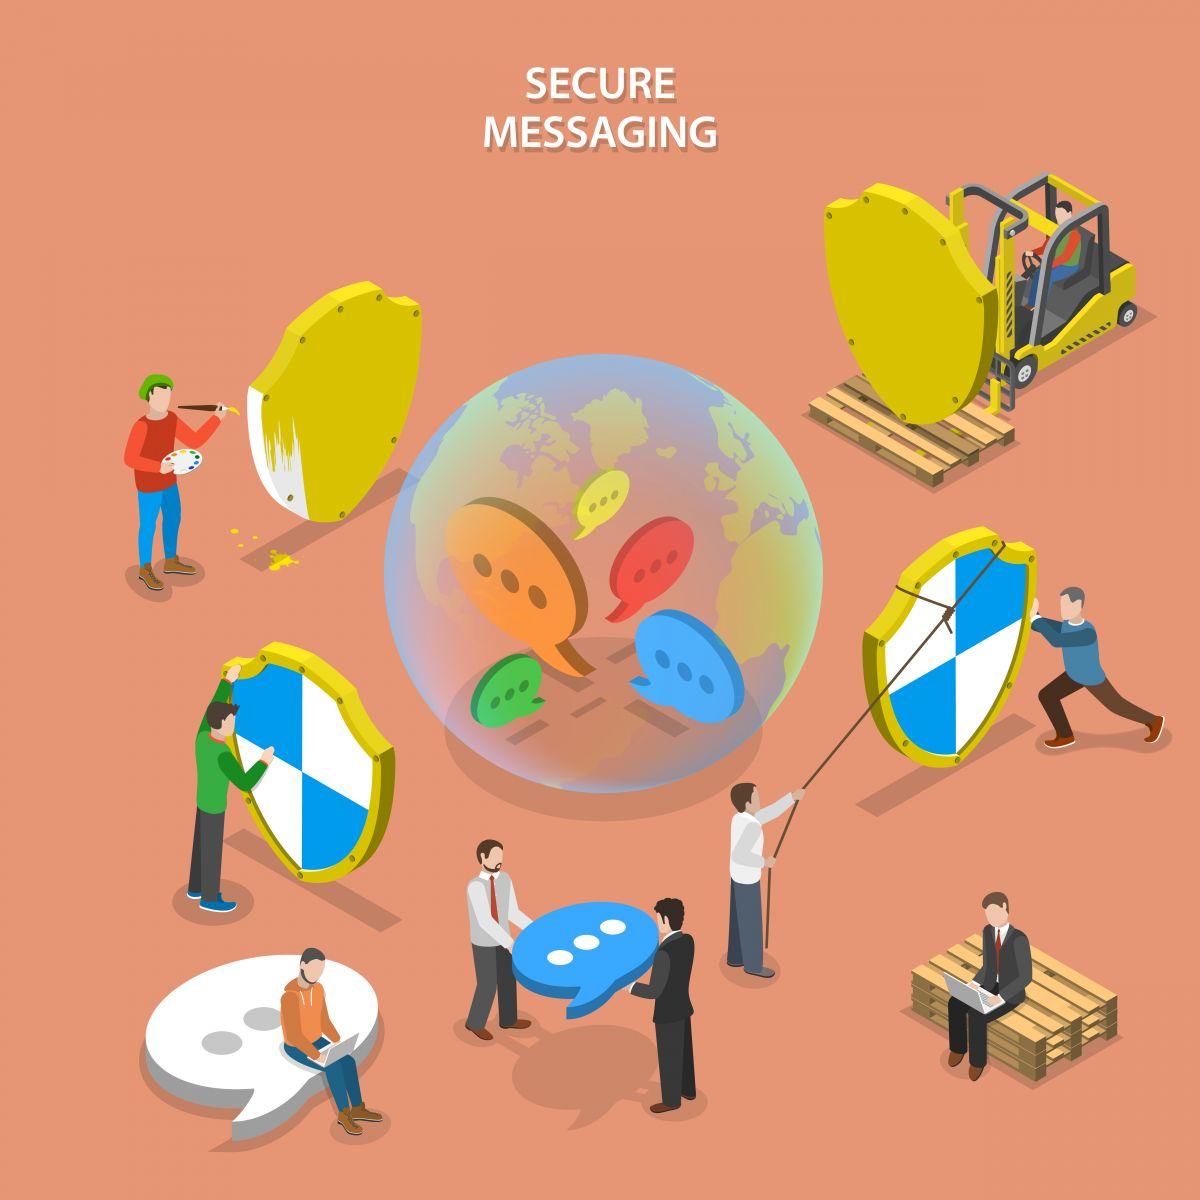 ilustração de um ecommerce seguro